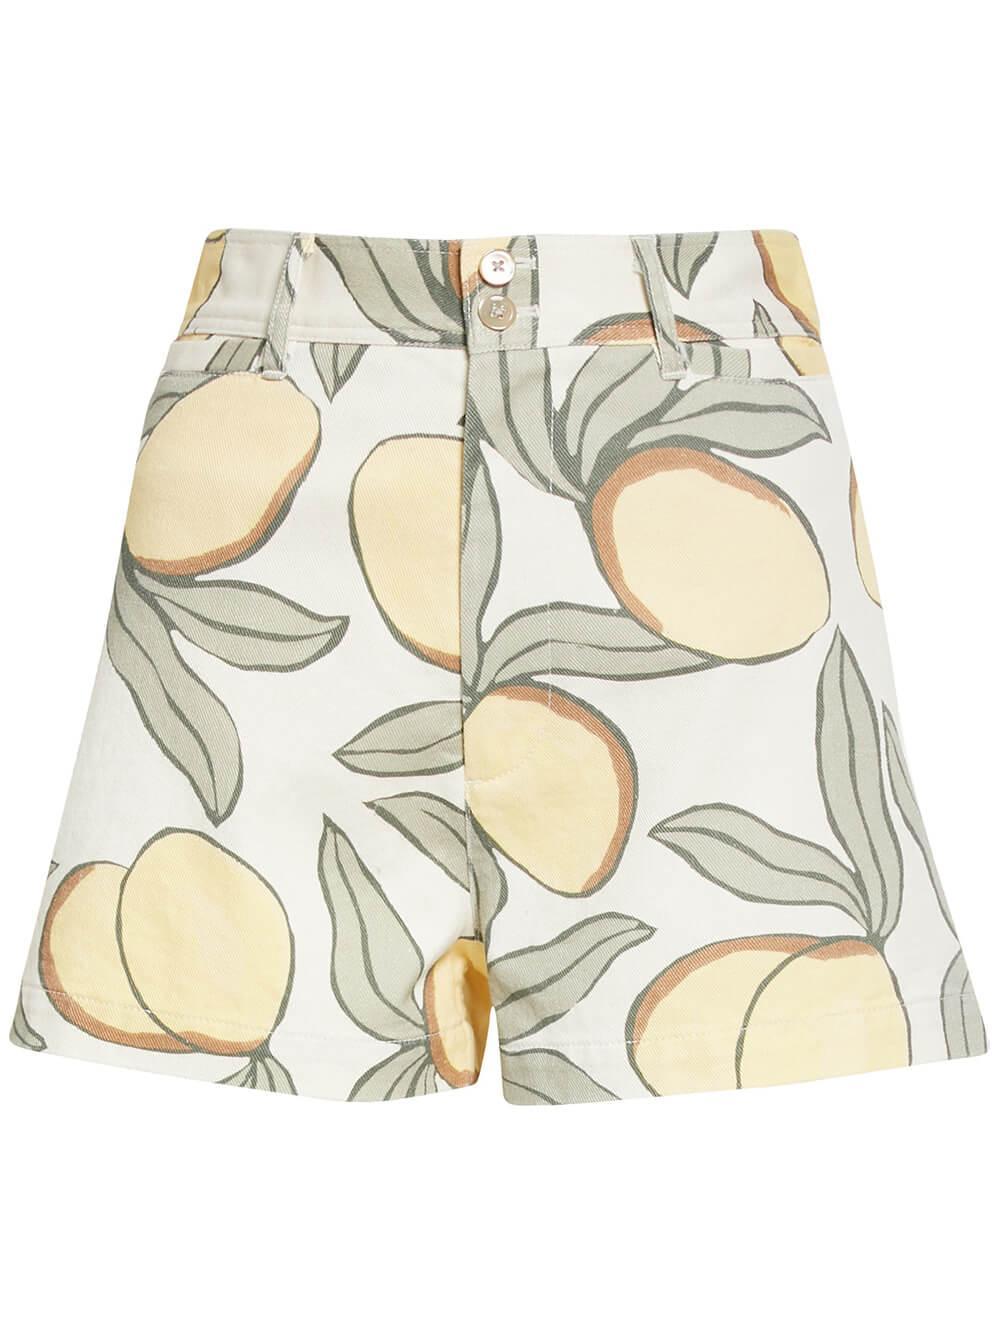 Lemon Tree Printed Shorts Item # 421923P102